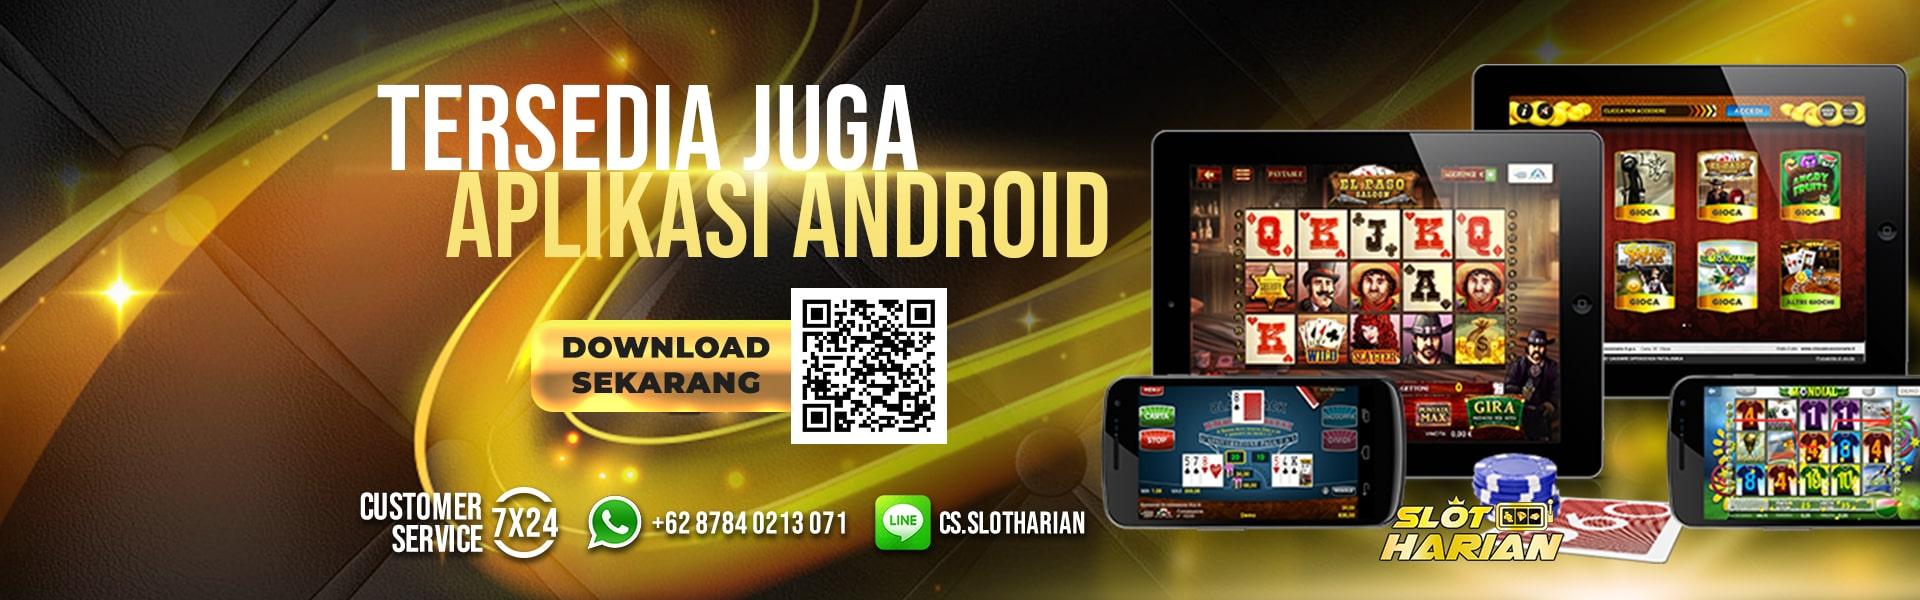 Slot Harian Aplikasi Android & Customer Service